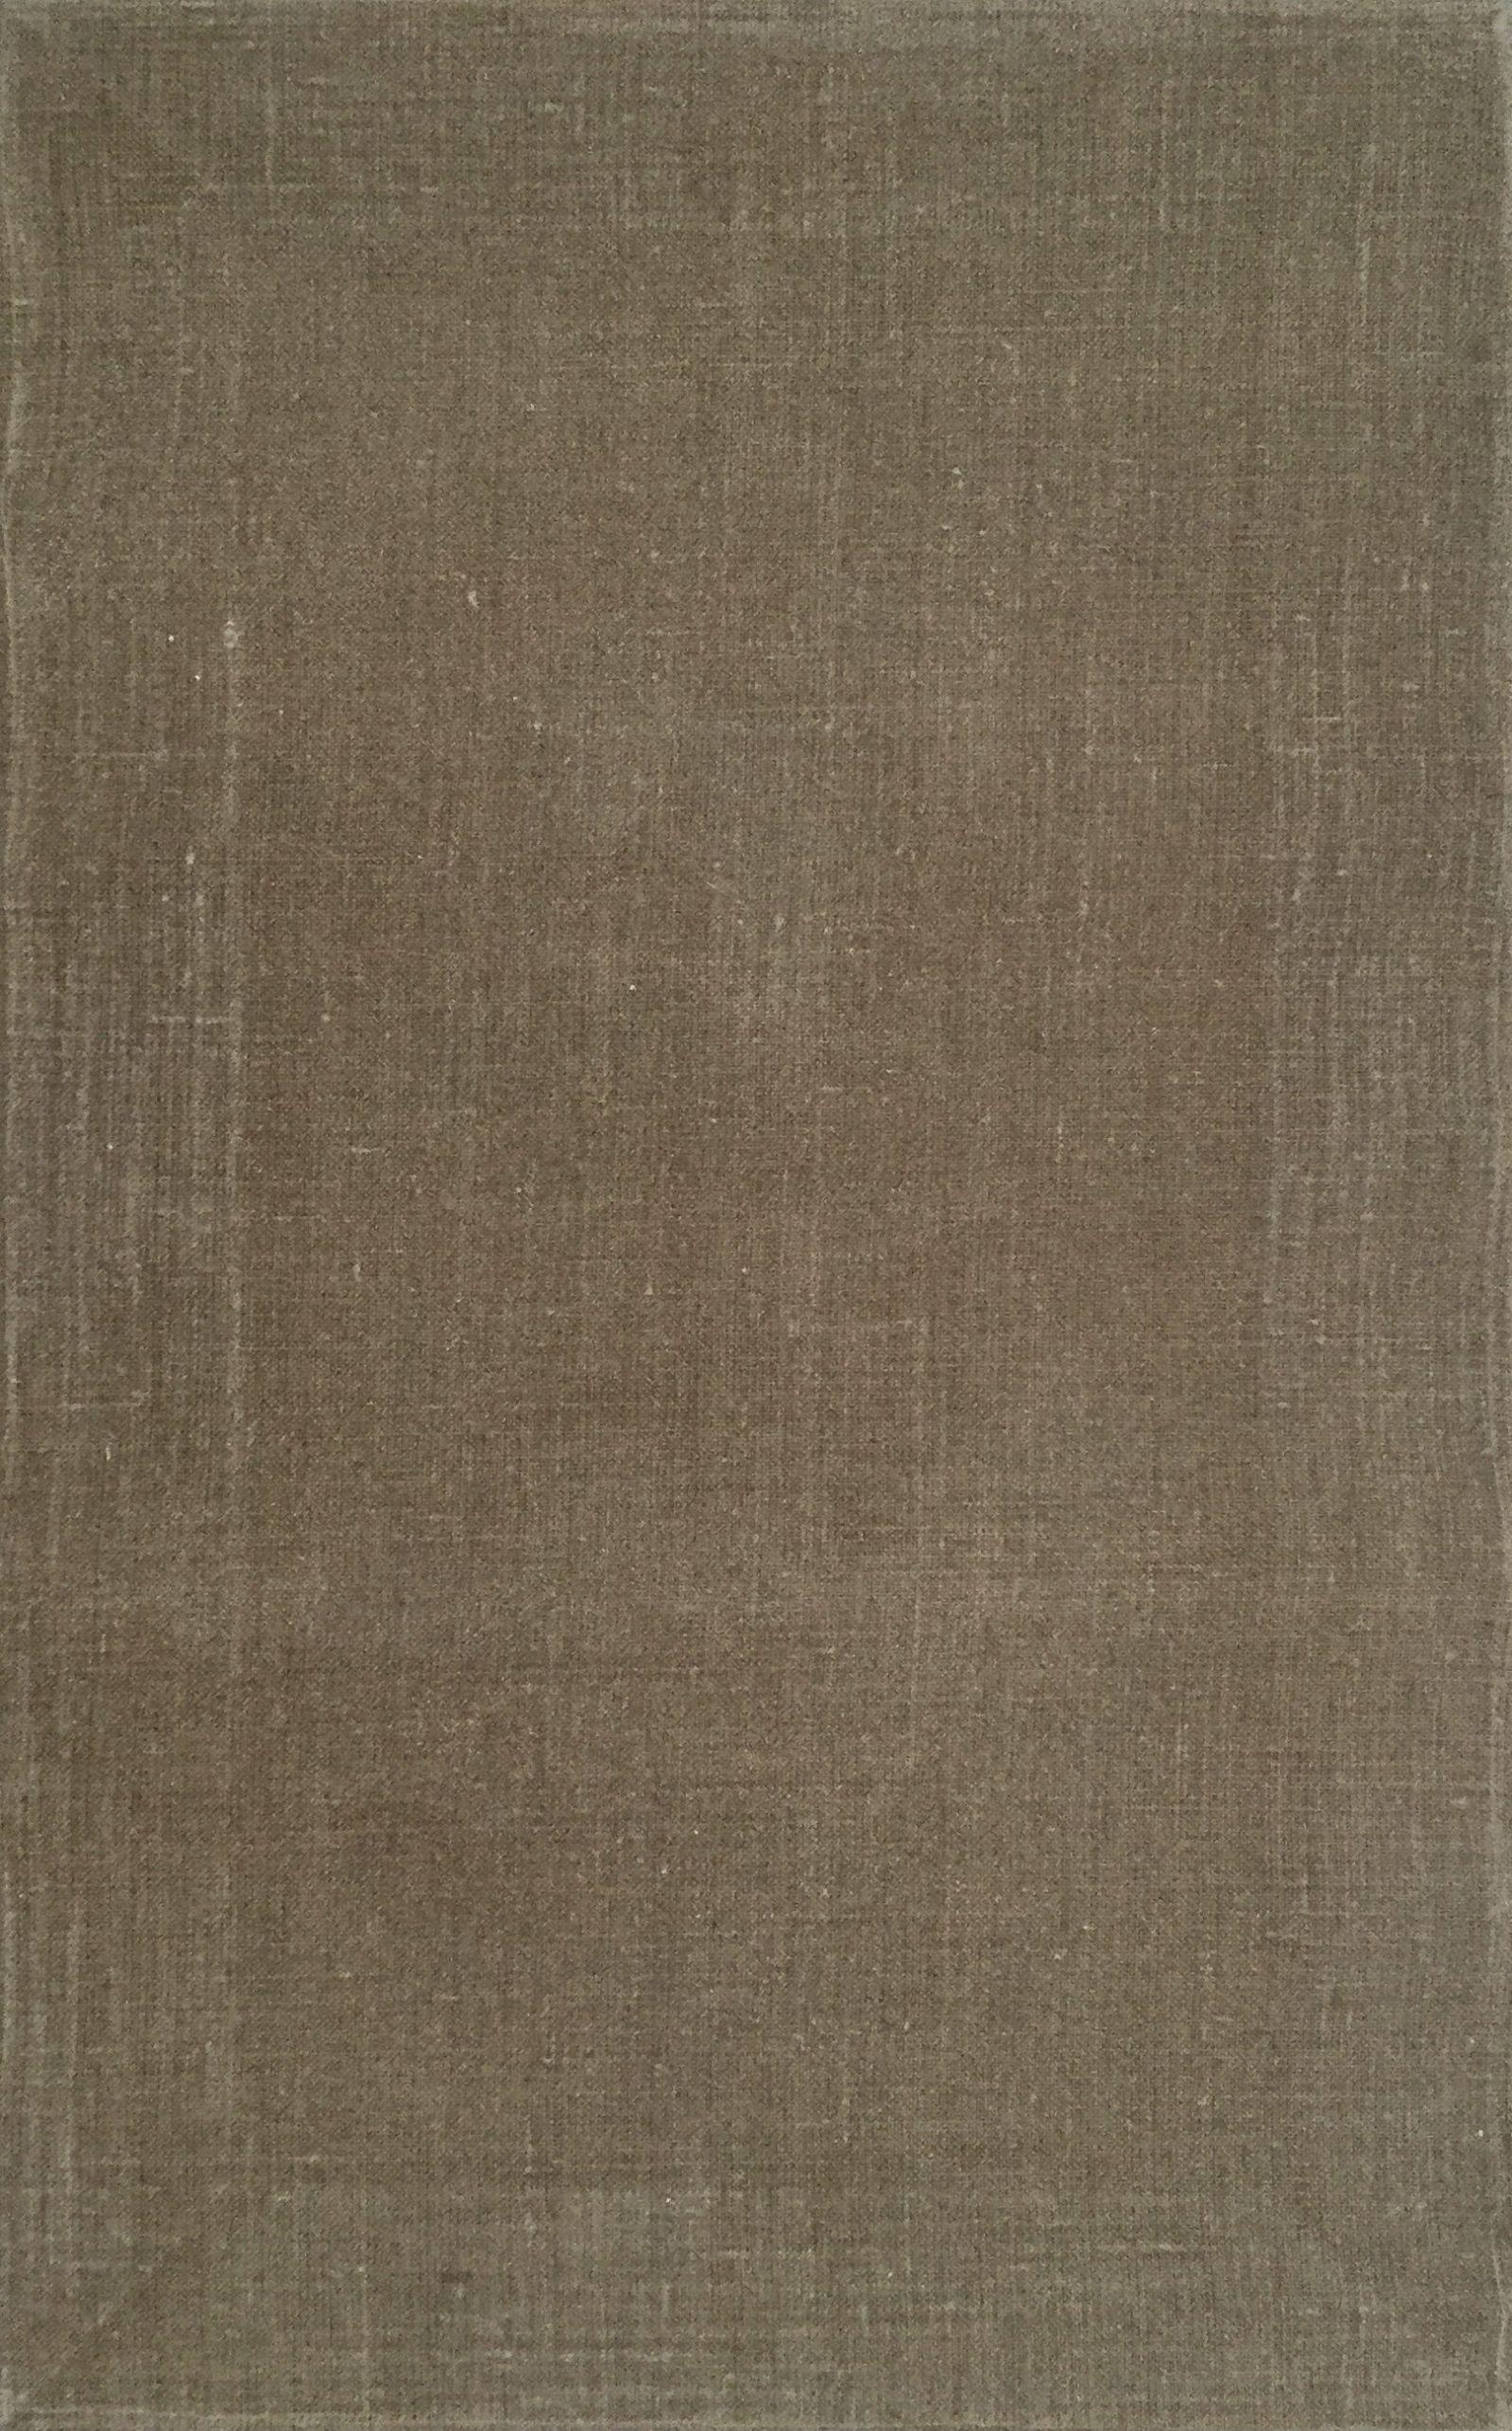 cr-n-peinture-depeinte-1-huile-sur-toile-35x-22cm-1974-f789207a2fa46b79a15e429f237d17b9